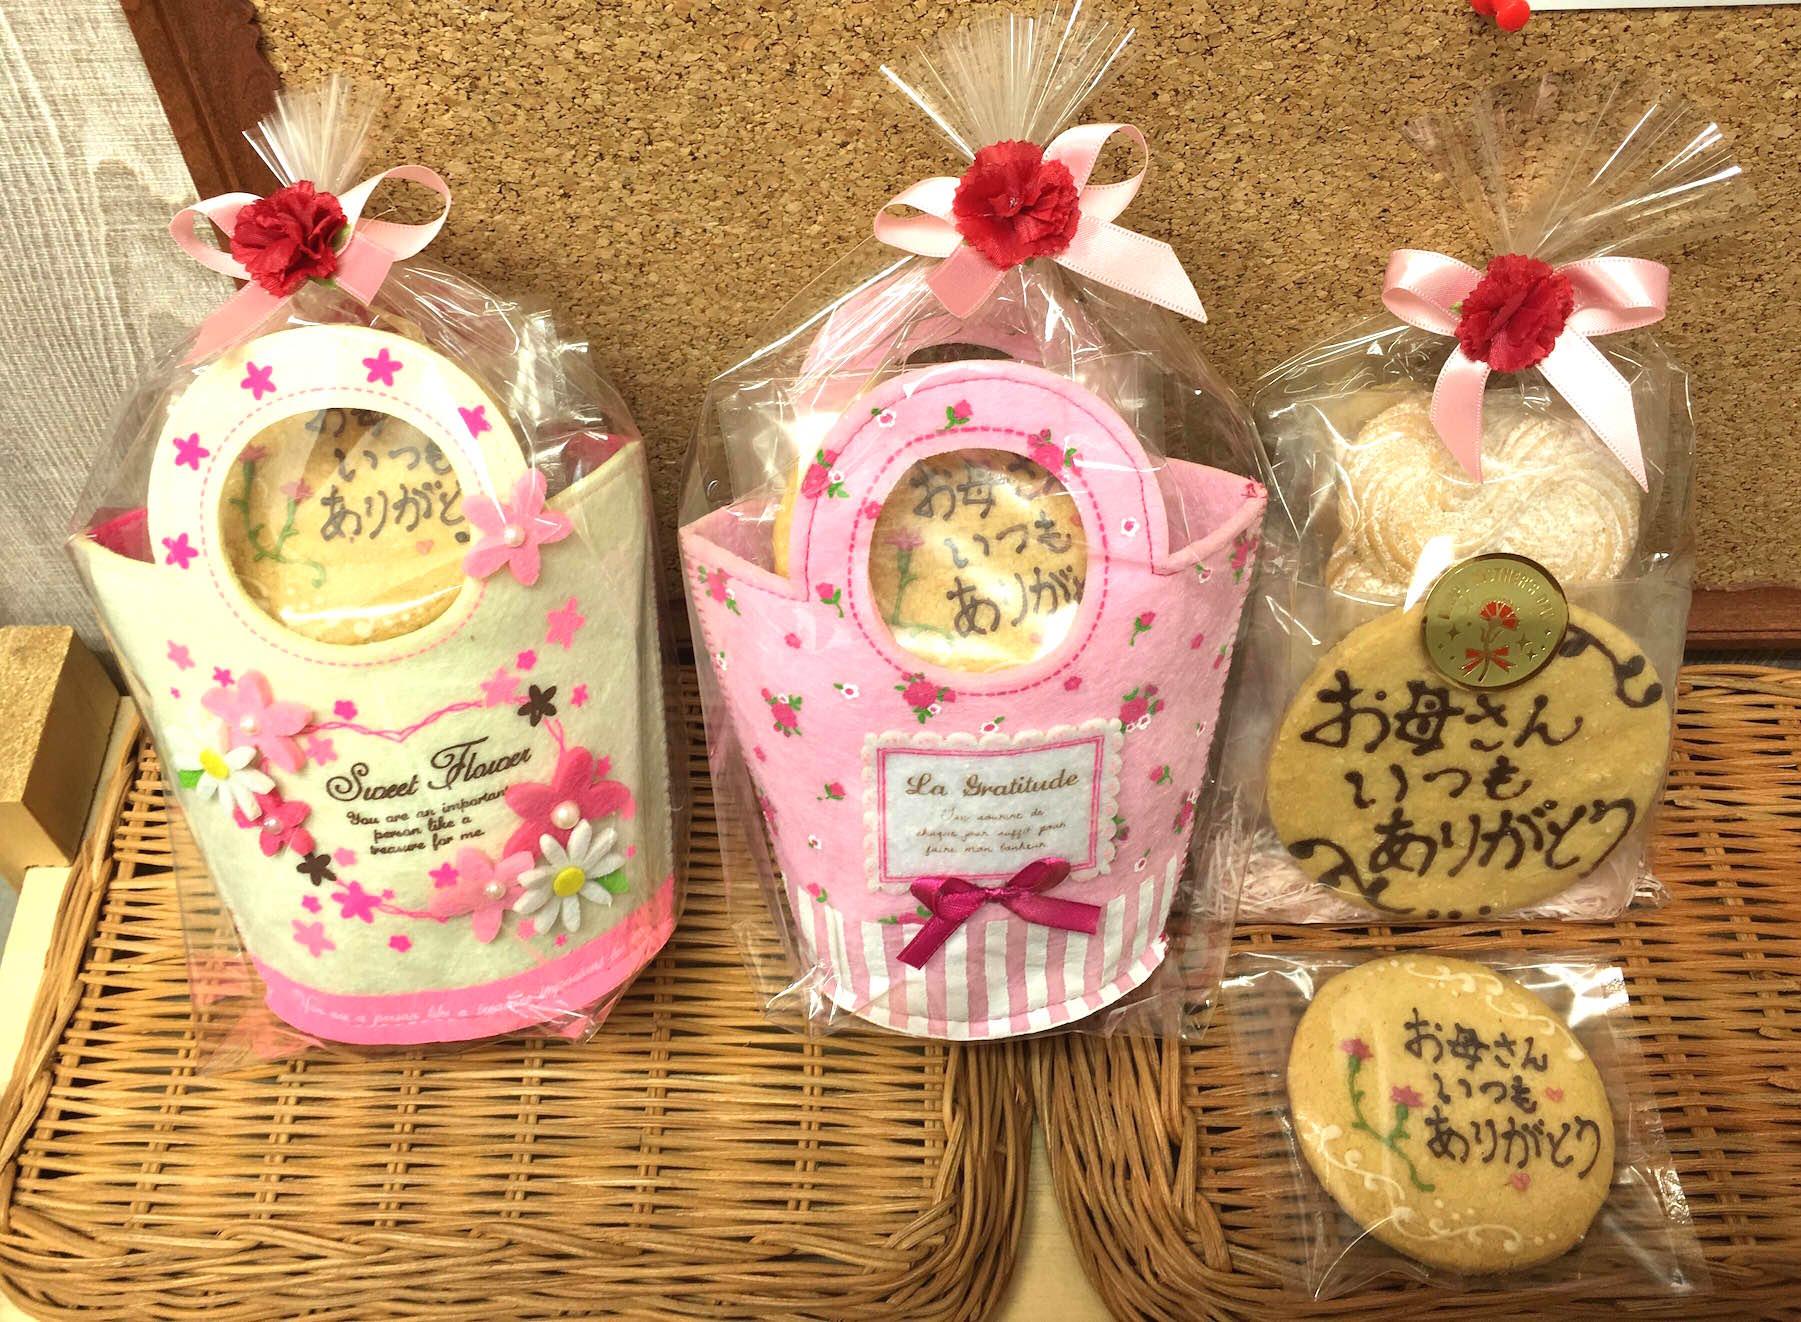 特集:母の日ギフト2016 - アトリエエヌ(焼菓子)/ 特別ギフト各種